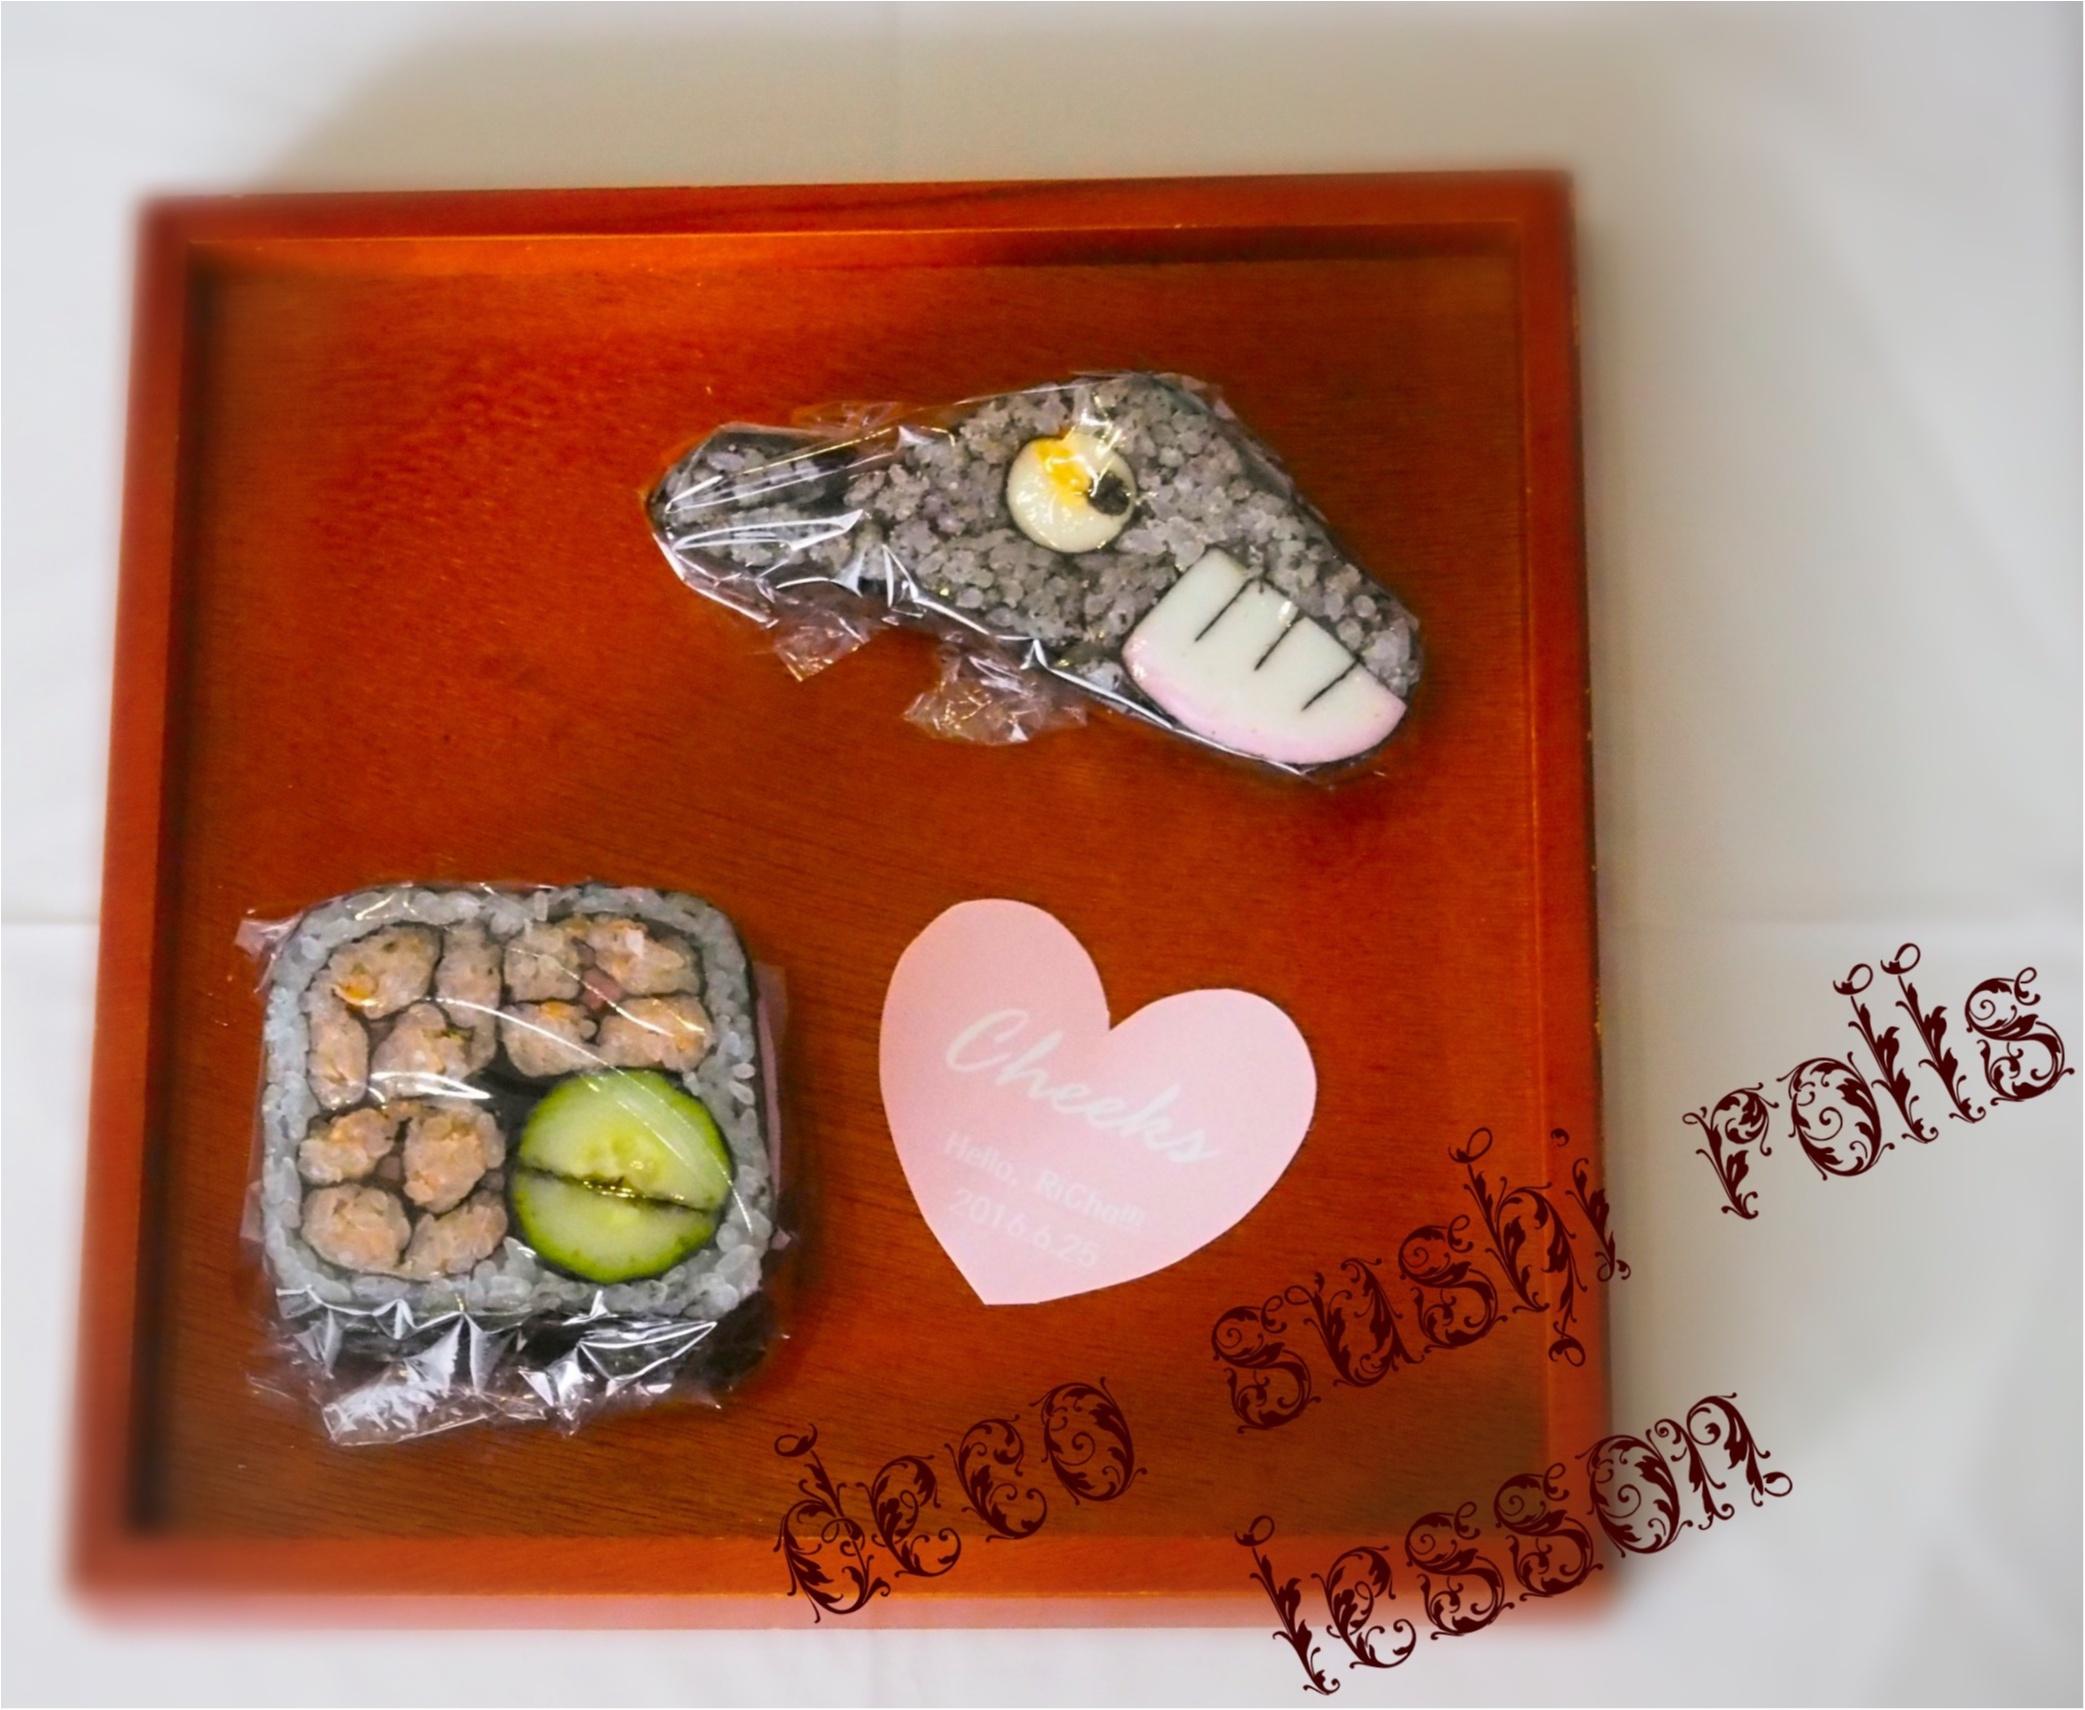 デコ巻き寿司インストラクター♡さちこ♡に習う季節を感じられる絶品デコ巻き寿司( ´ ▽ ` )ノ_11